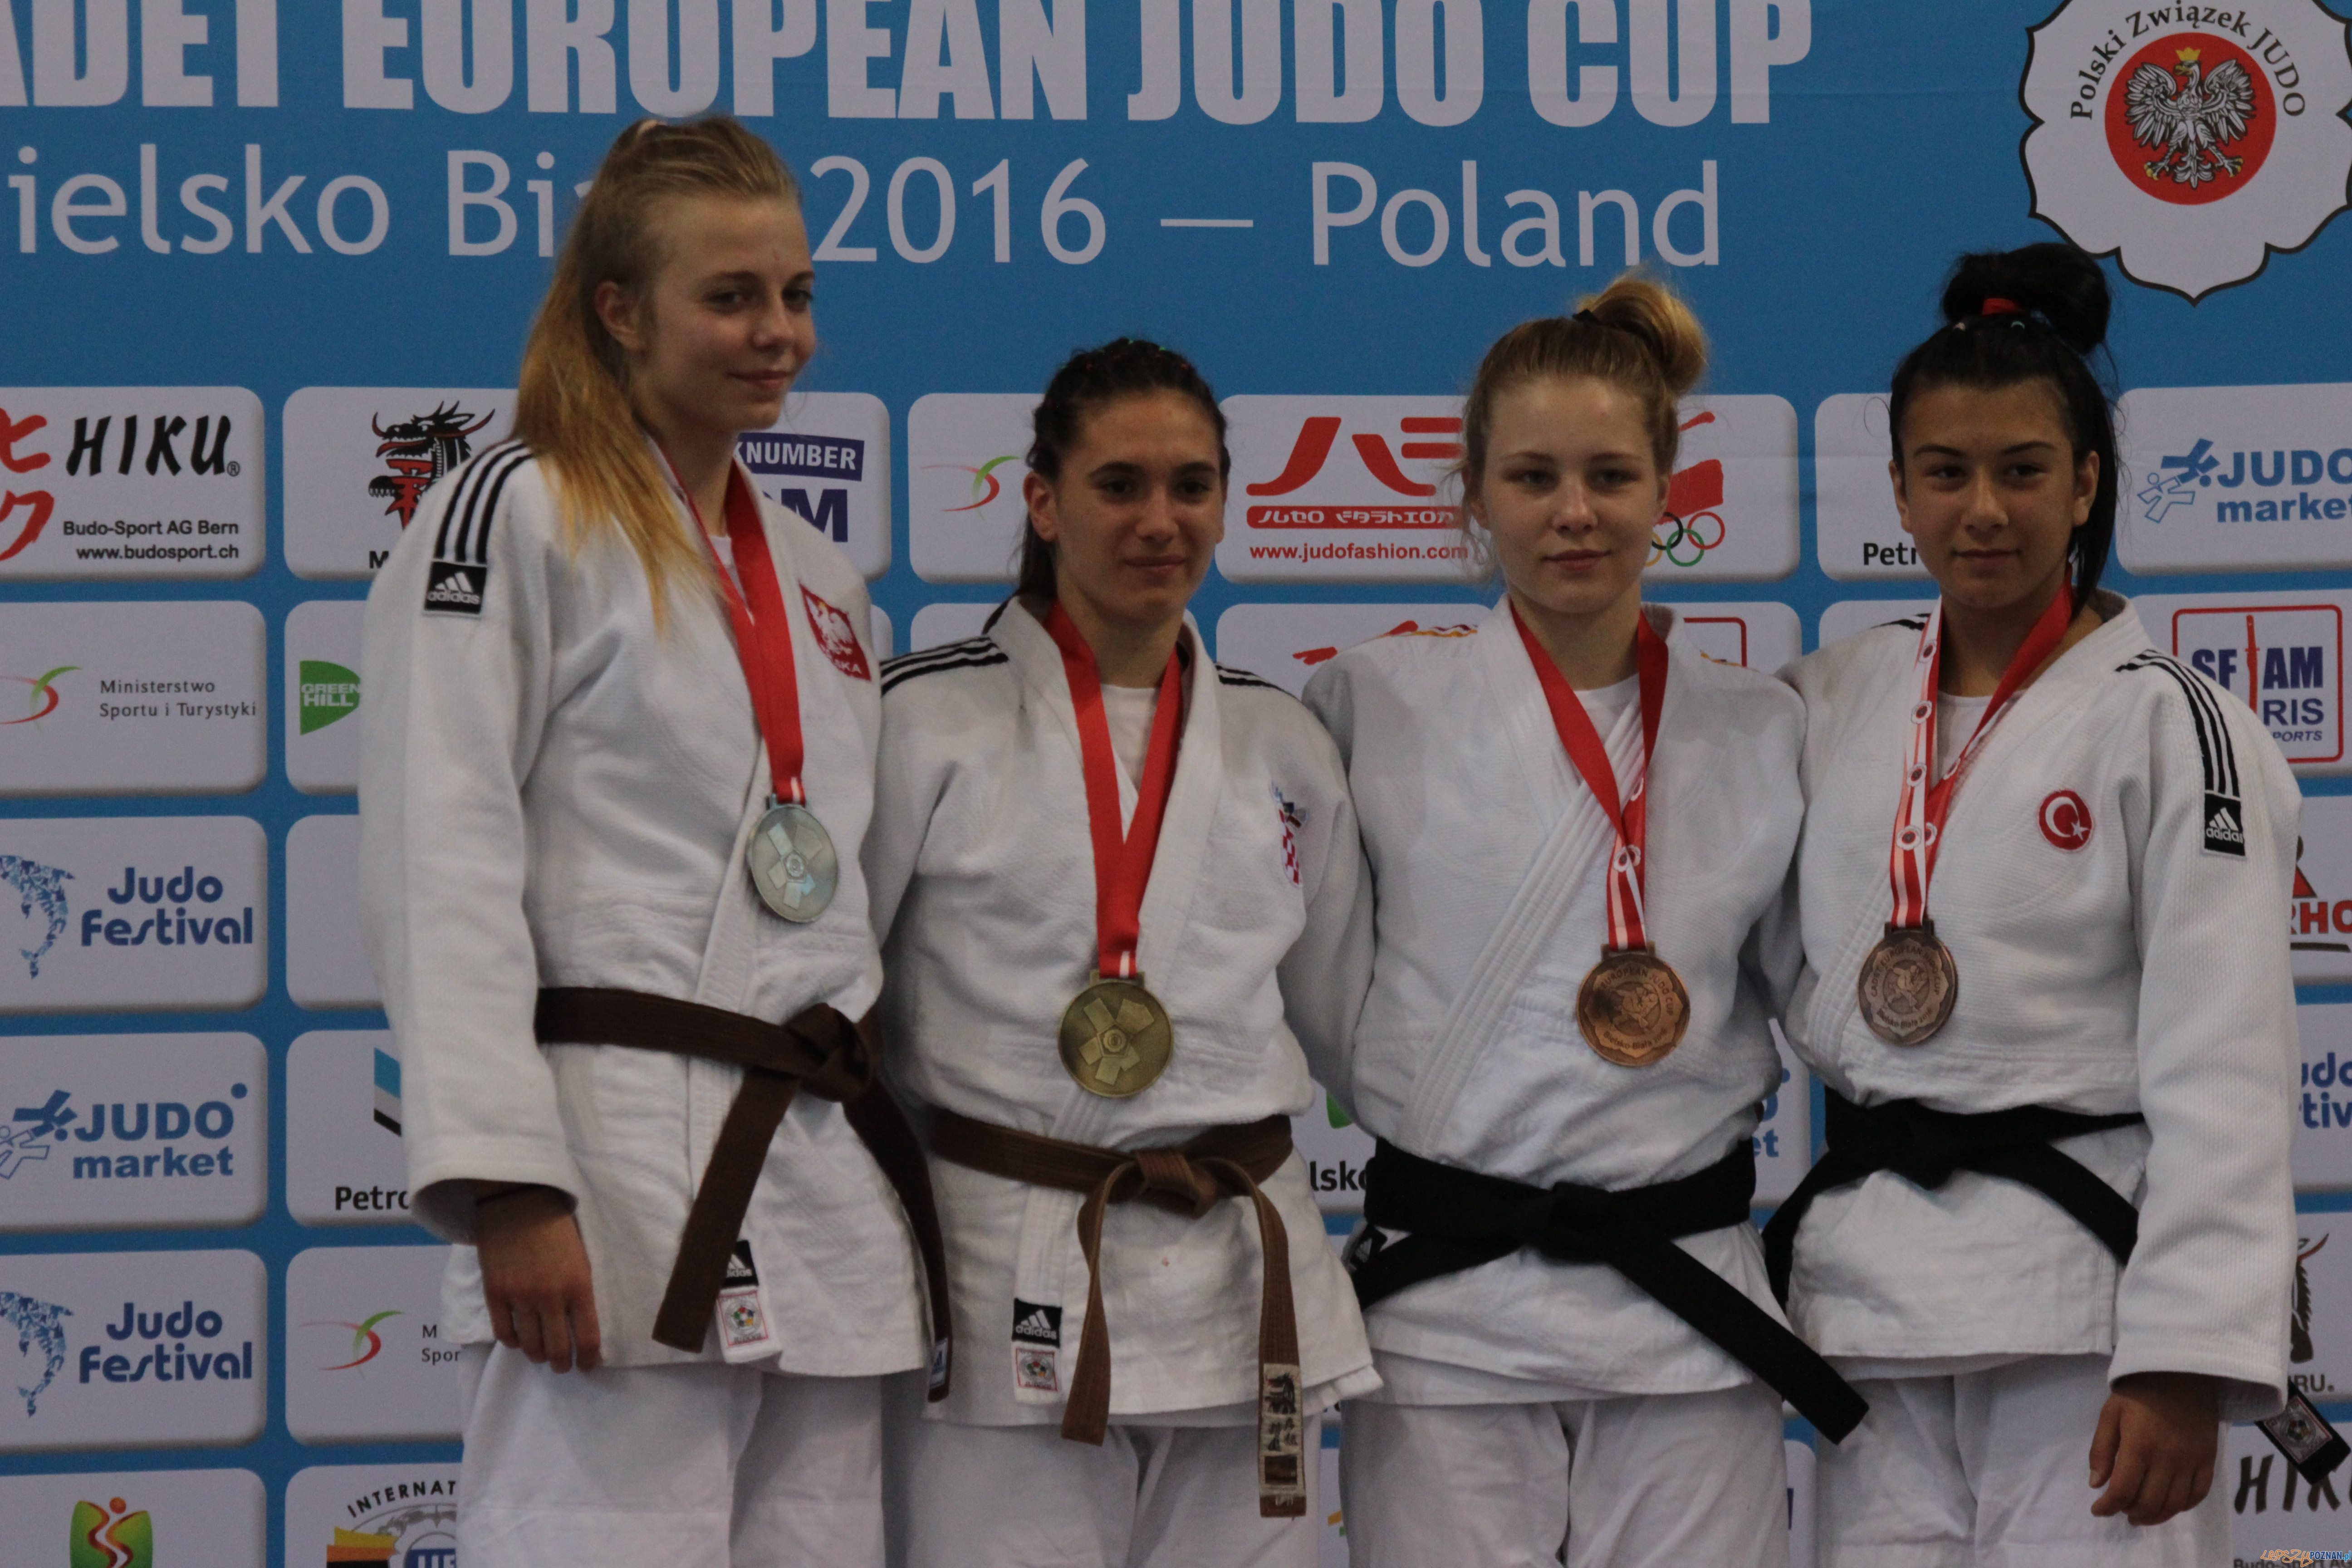 Mistrzostwa Europy w Judo w Bielsku Białej  Foto: Akademia Judo